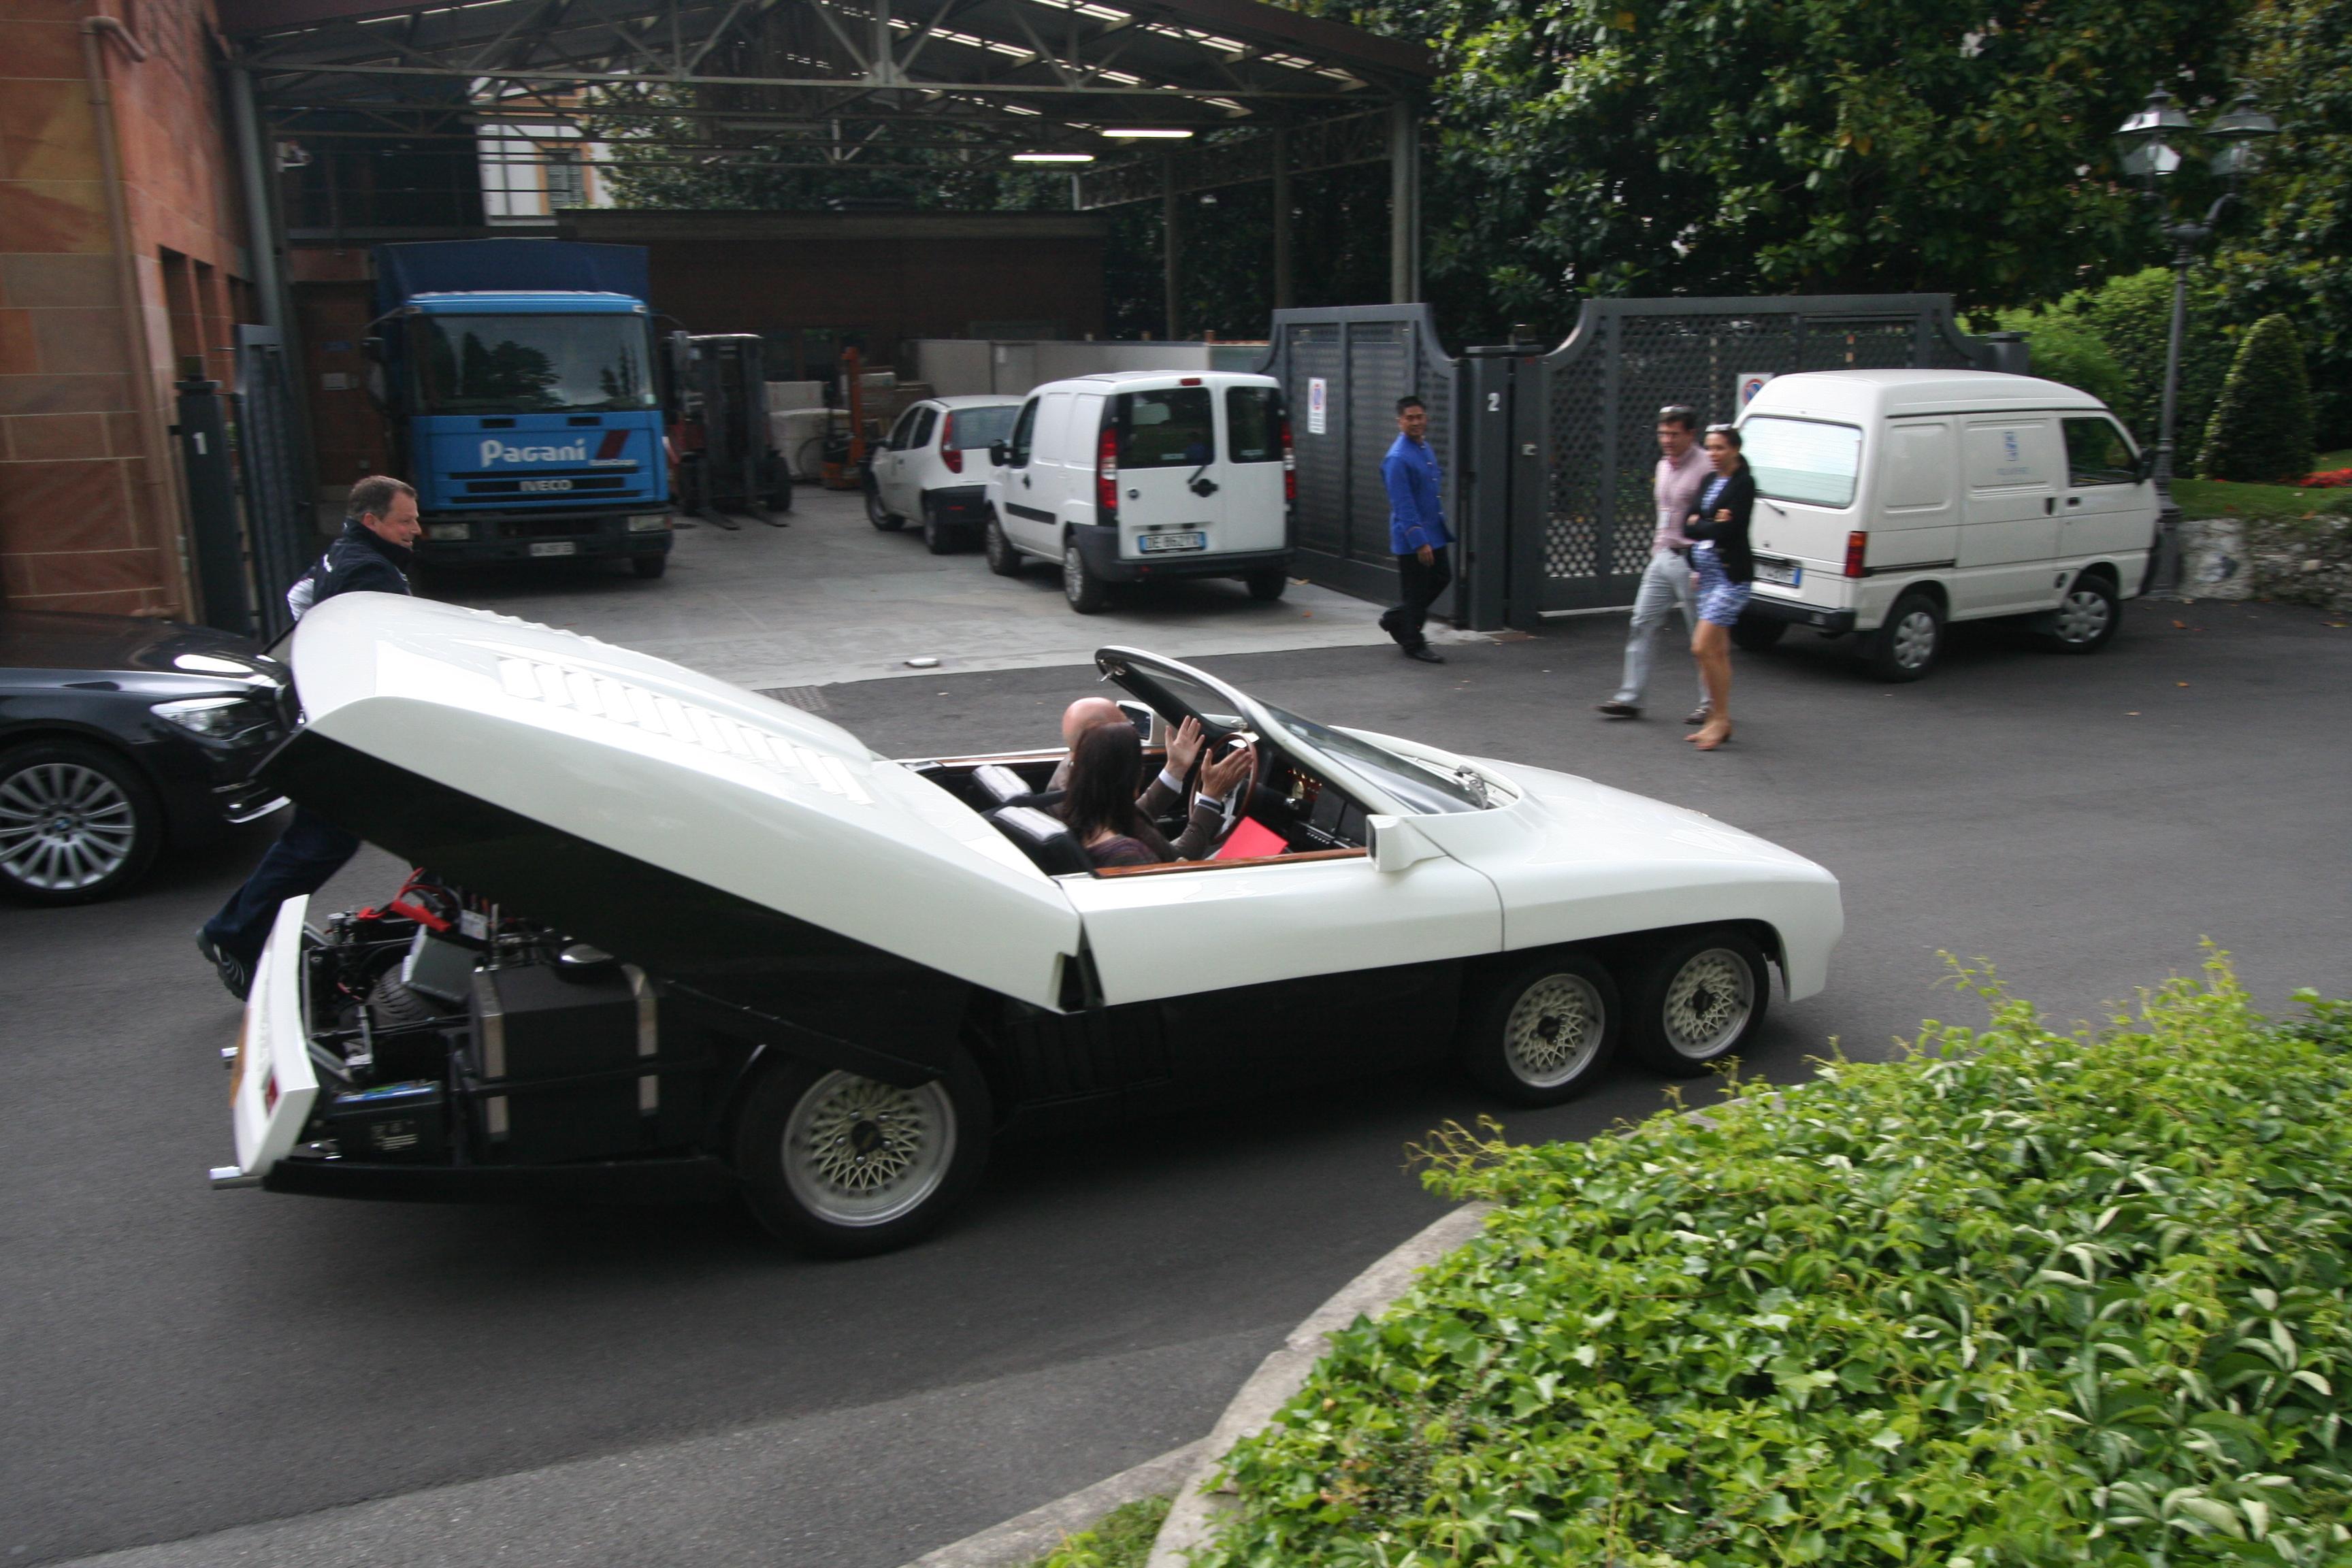 Panther Six forlater Villa d'Este 2015 med panseret oppe. Forhåpentligvis har eieren fått orden på bilen nå.